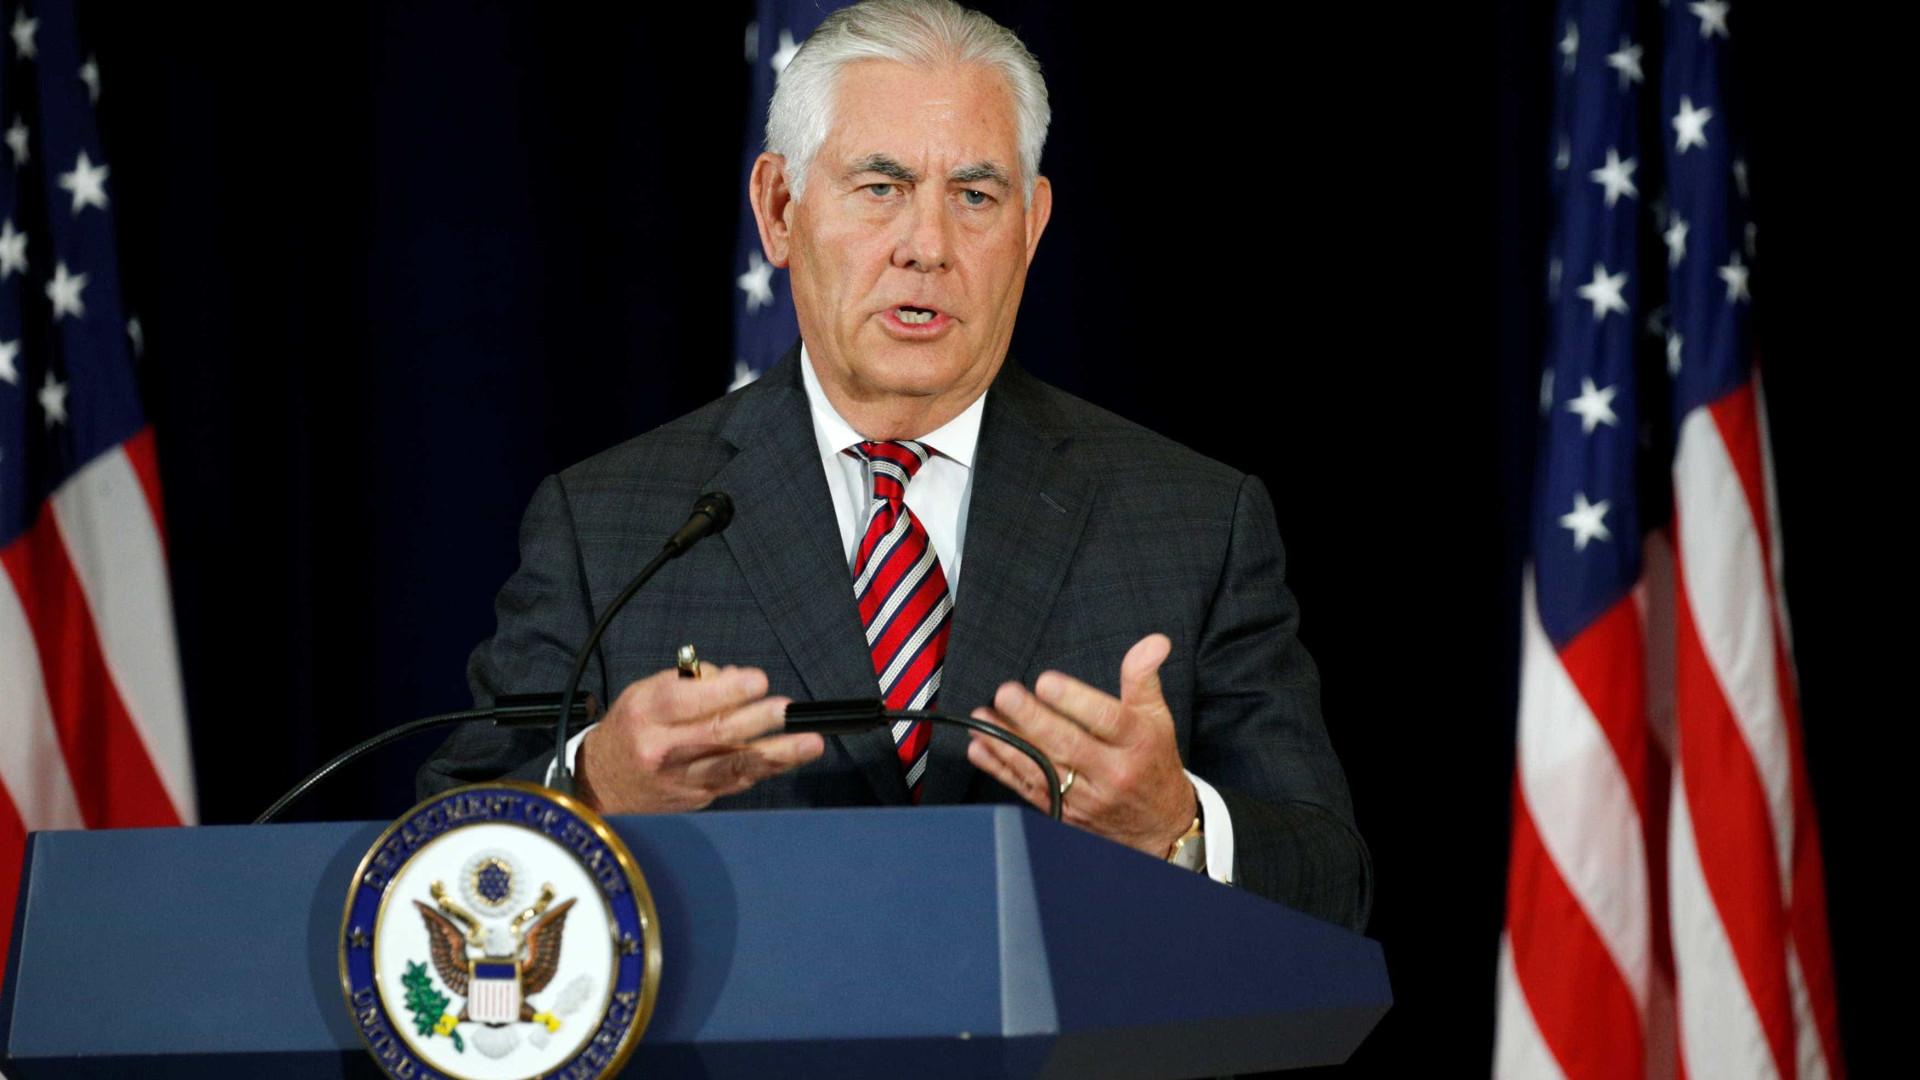 Envolvimento do Hezbollah nos conflitos na região é uma ameaça, dizem EUA